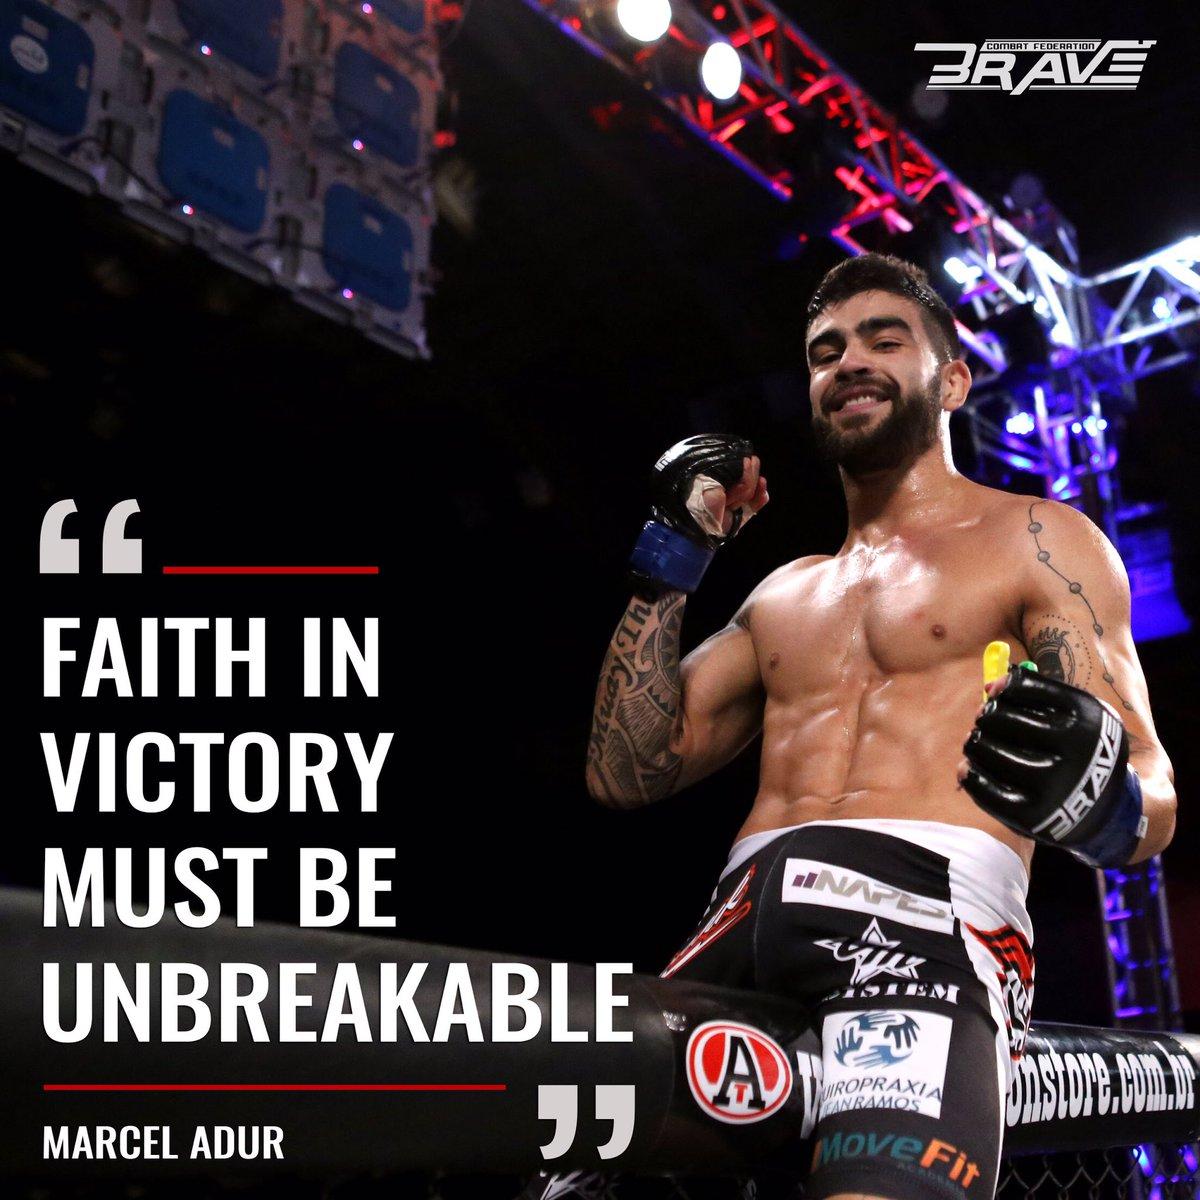 RT bravemmaf: Faith inspires MarcelAdurMMA to be a winner. What about you? #BraveCF8 #MMA #MMANews #Brasil #Motiva… <br>http://pic.twitter.com/KsDsXvZEx5